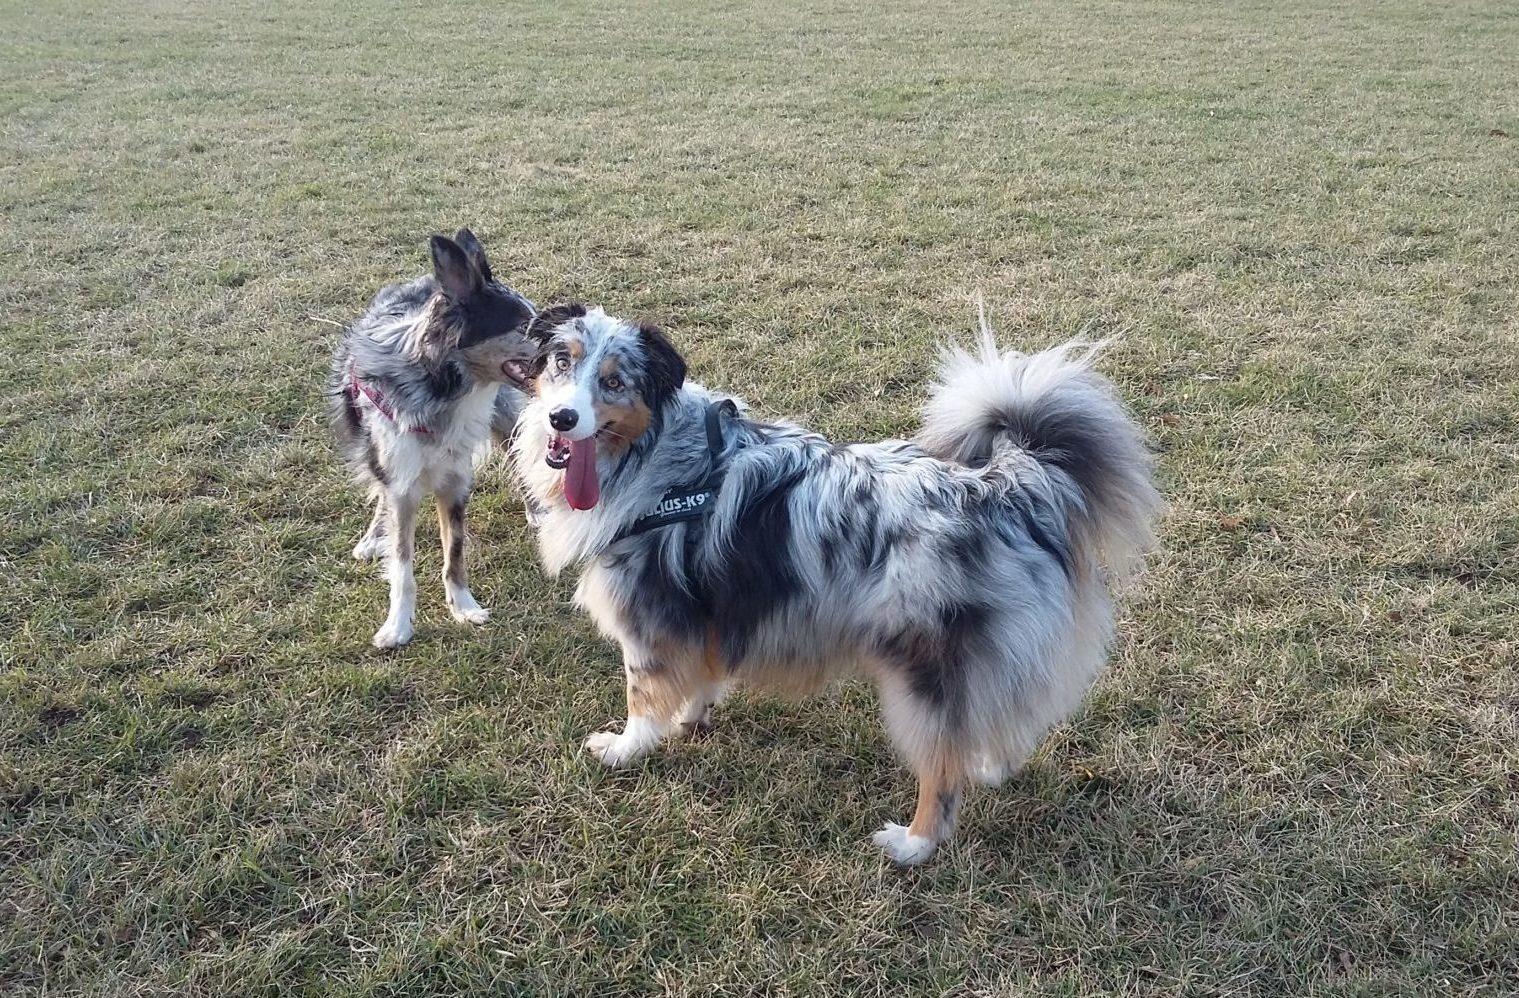 ABC Dog team corsi socializzazione